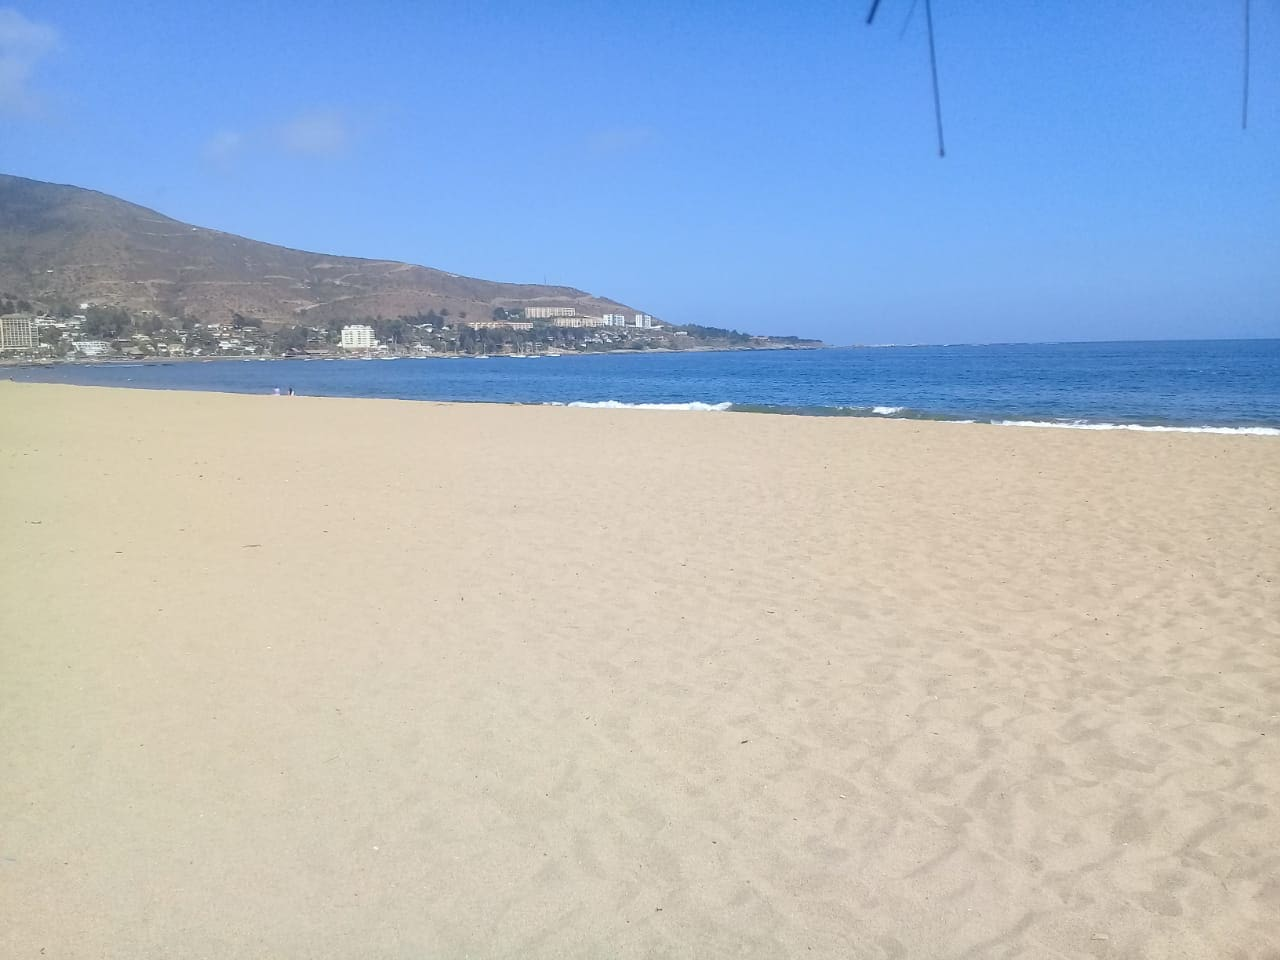 Playa Papudo